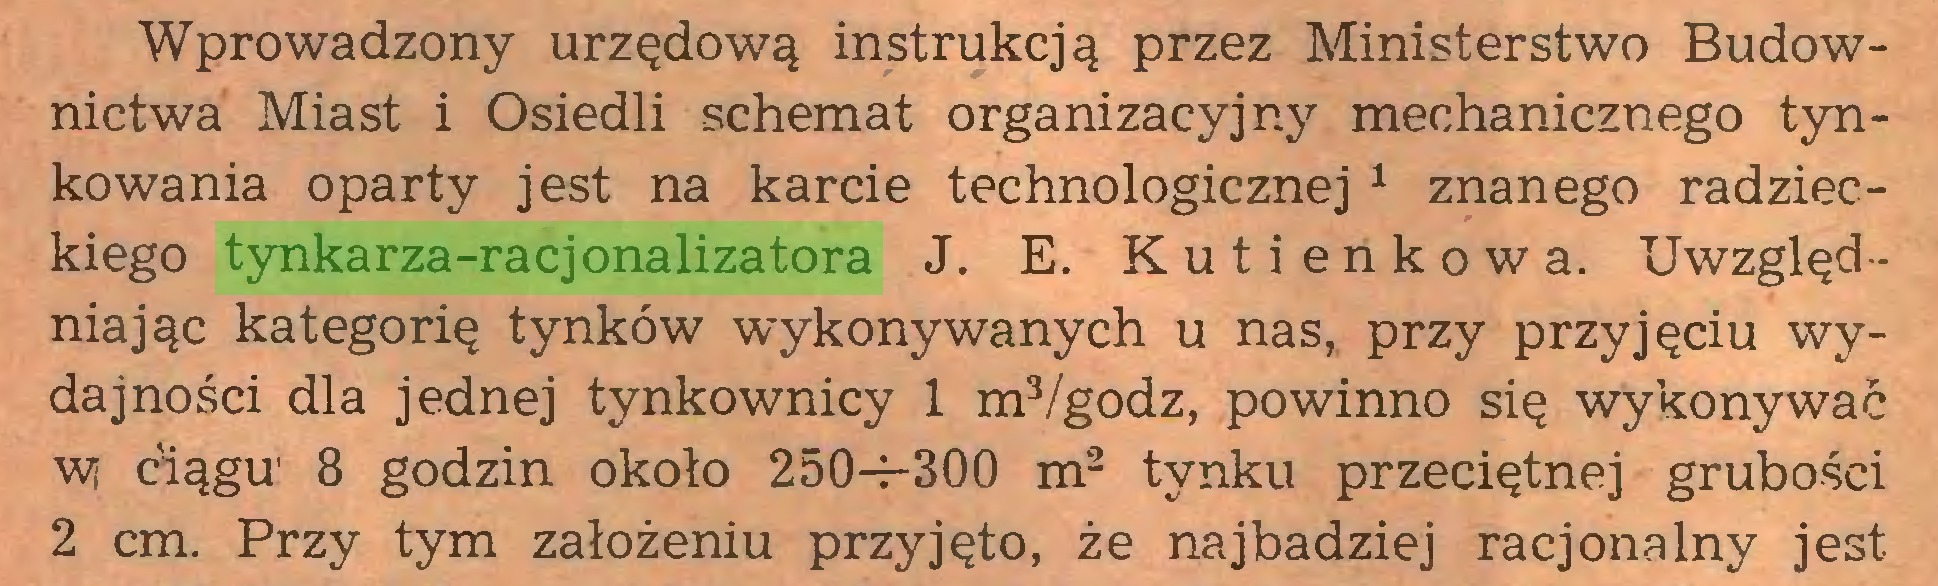 (...) Wprowadzony urzędową instrukcją przez Ministerstwo Budownictwa Miast i Osiedli schemat organizacyjny mechanicznego tynkowania oparty jest na karcie technologicznej 1 znanego radzieckiego tynkarza-racjonalizatora J. E. K u t i e n k o w a. Uwzględ niając kategorię tynków wykonywanych u nas, przy przyjęciu wydajności dla jednej tynkownicy 1 m3/godz, powinno się wykonywać W ciągu' 8 godzin około 250-f-300 m2 tynku przeciętnej grubości 2 cm. Przy tym założeniu przyjęto, że najbadziej racjonalny jest...